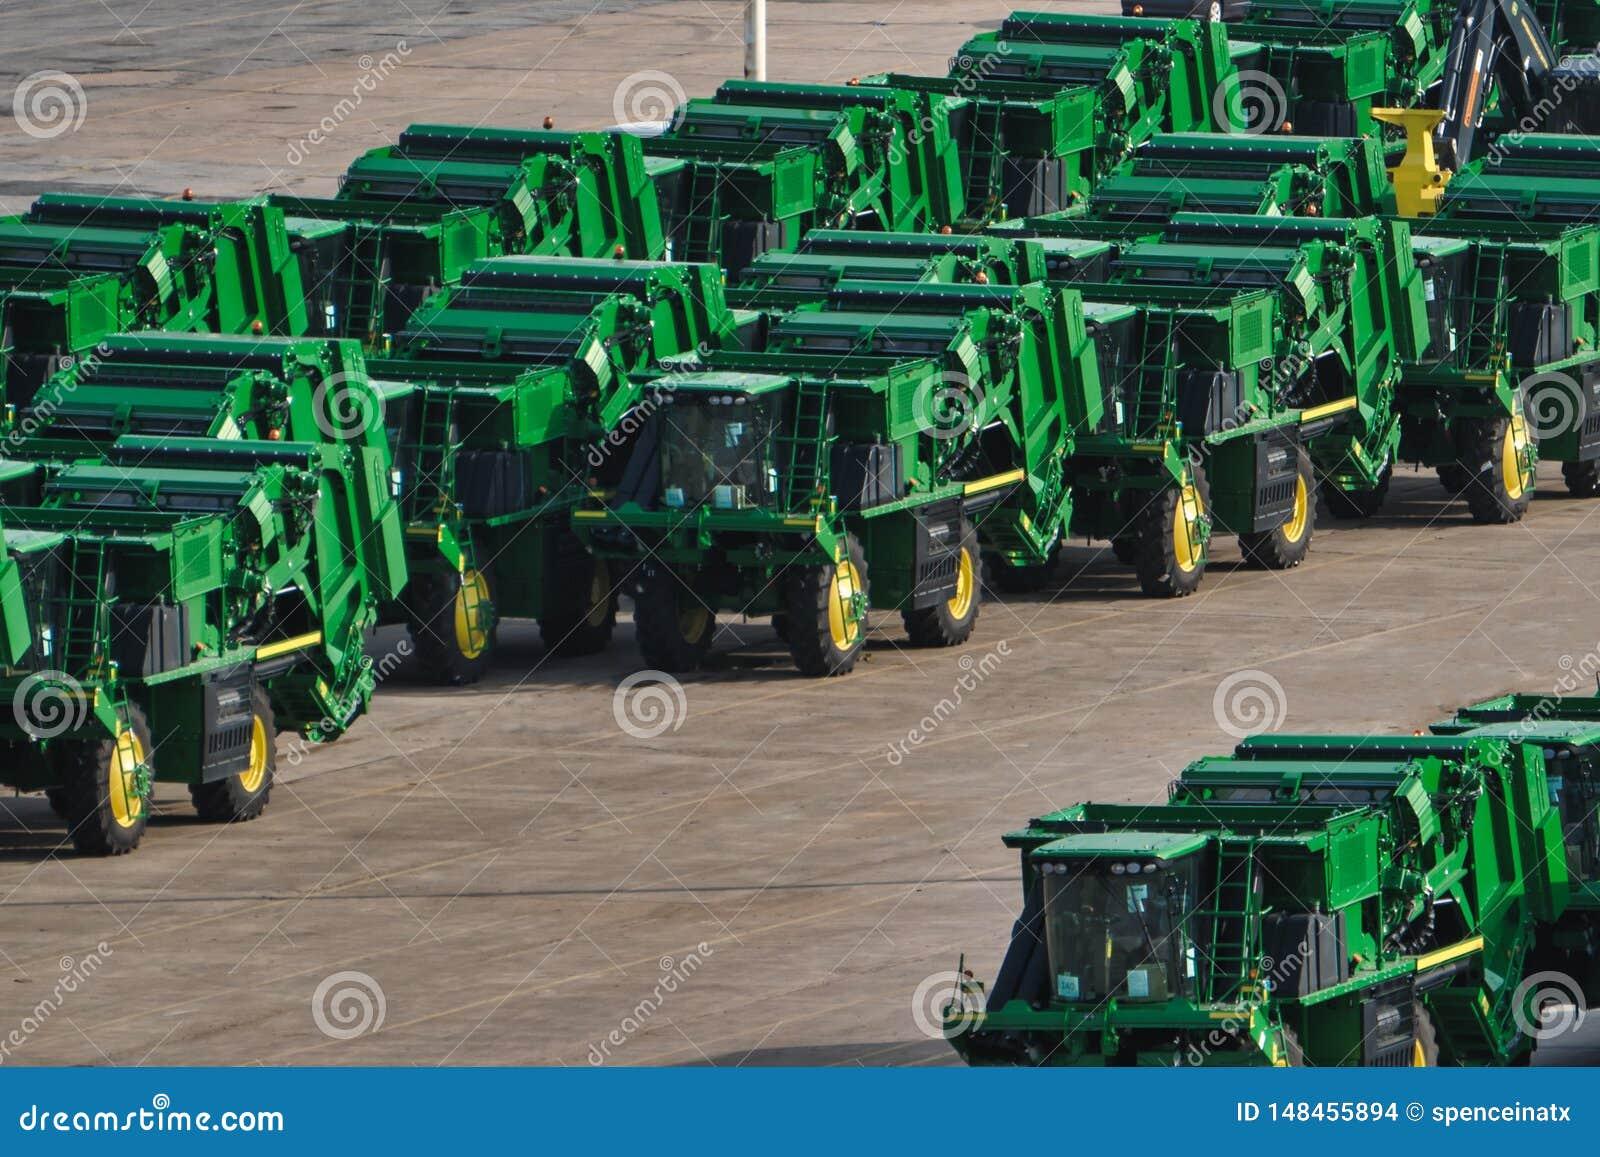 Flotte de tracteurs alignés dans une cour de expédition